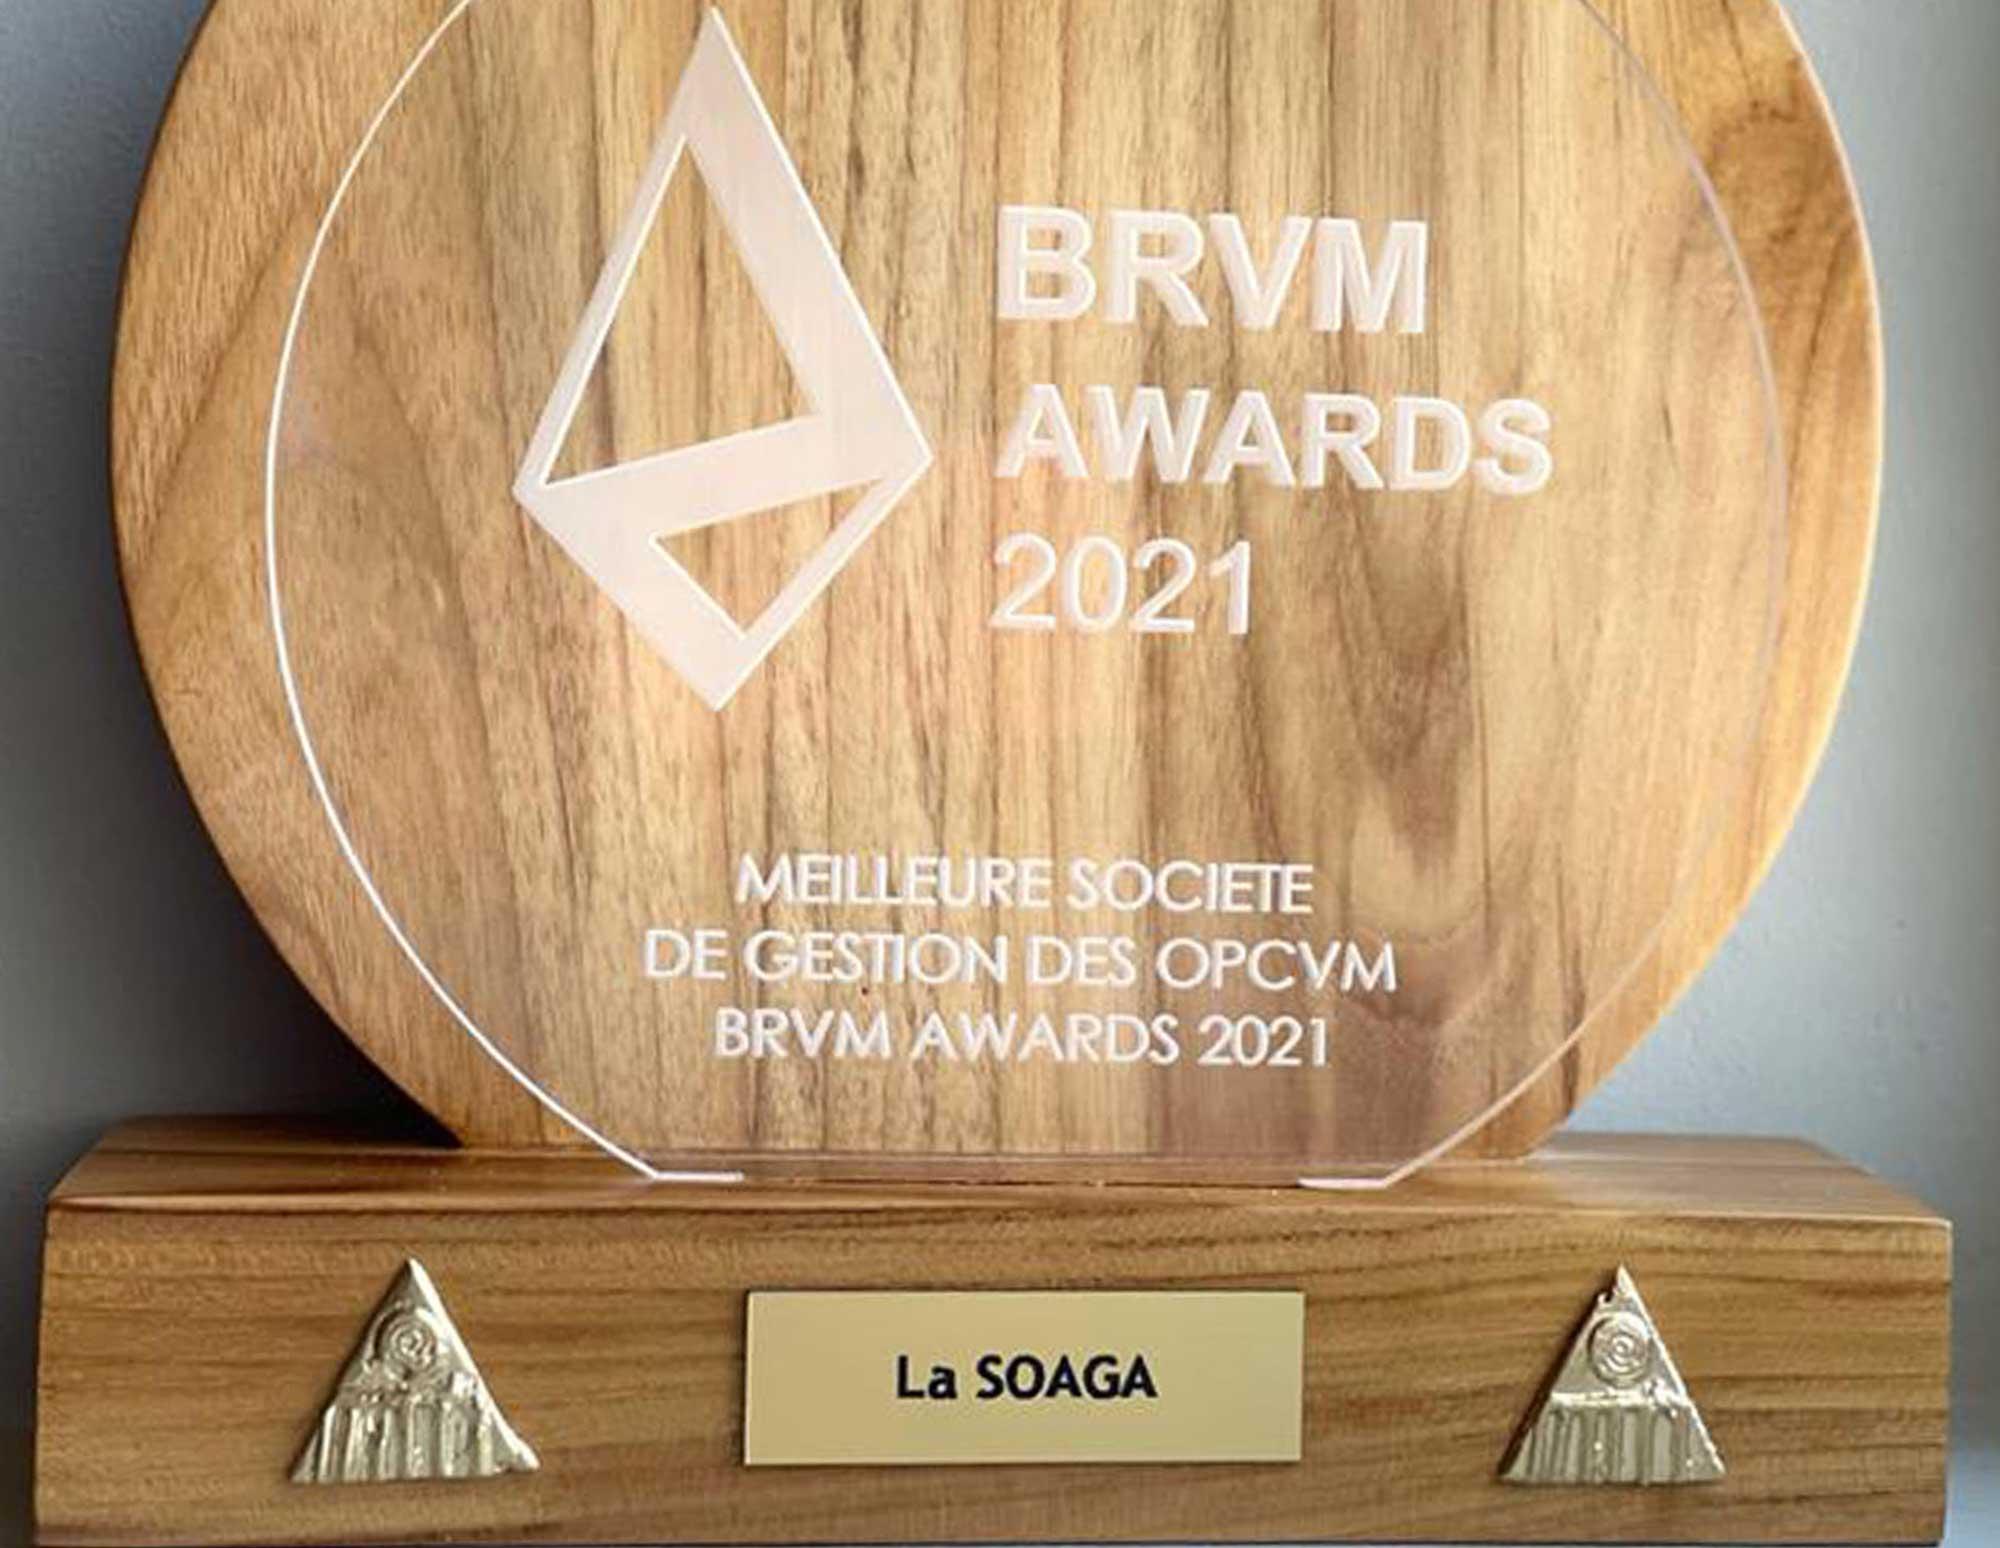 brvm-award-2021-SOAGA